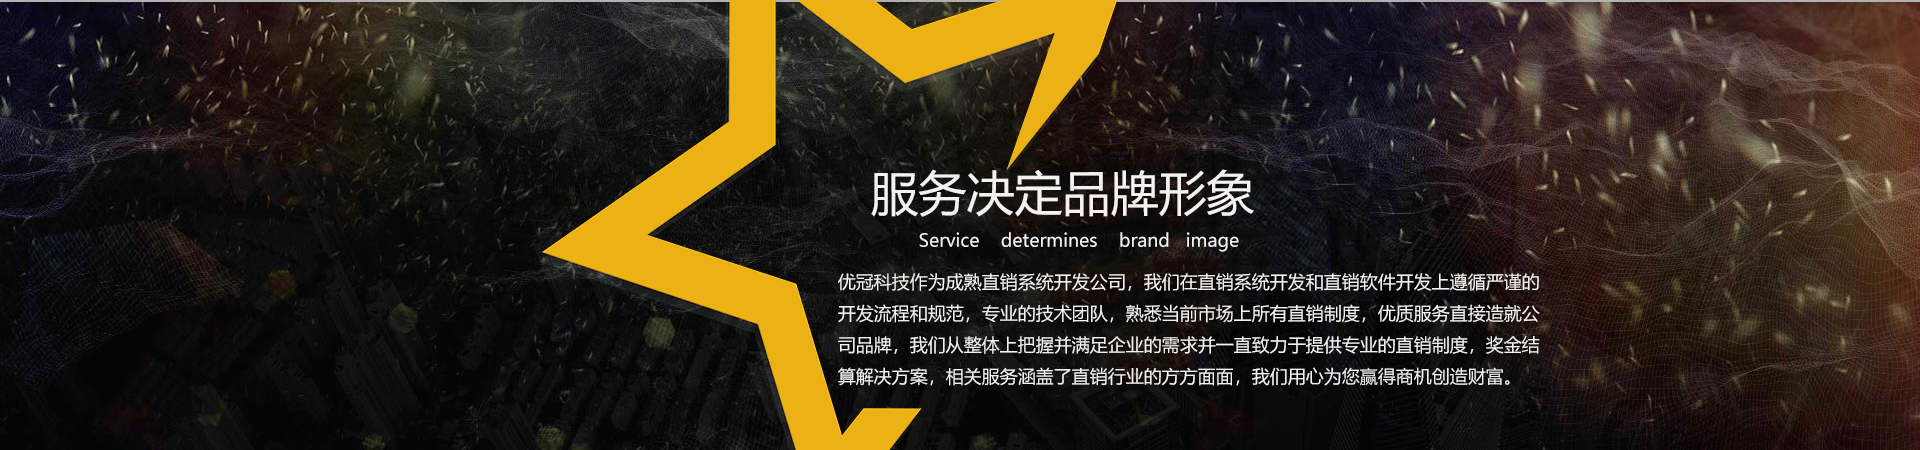 企业网站banner